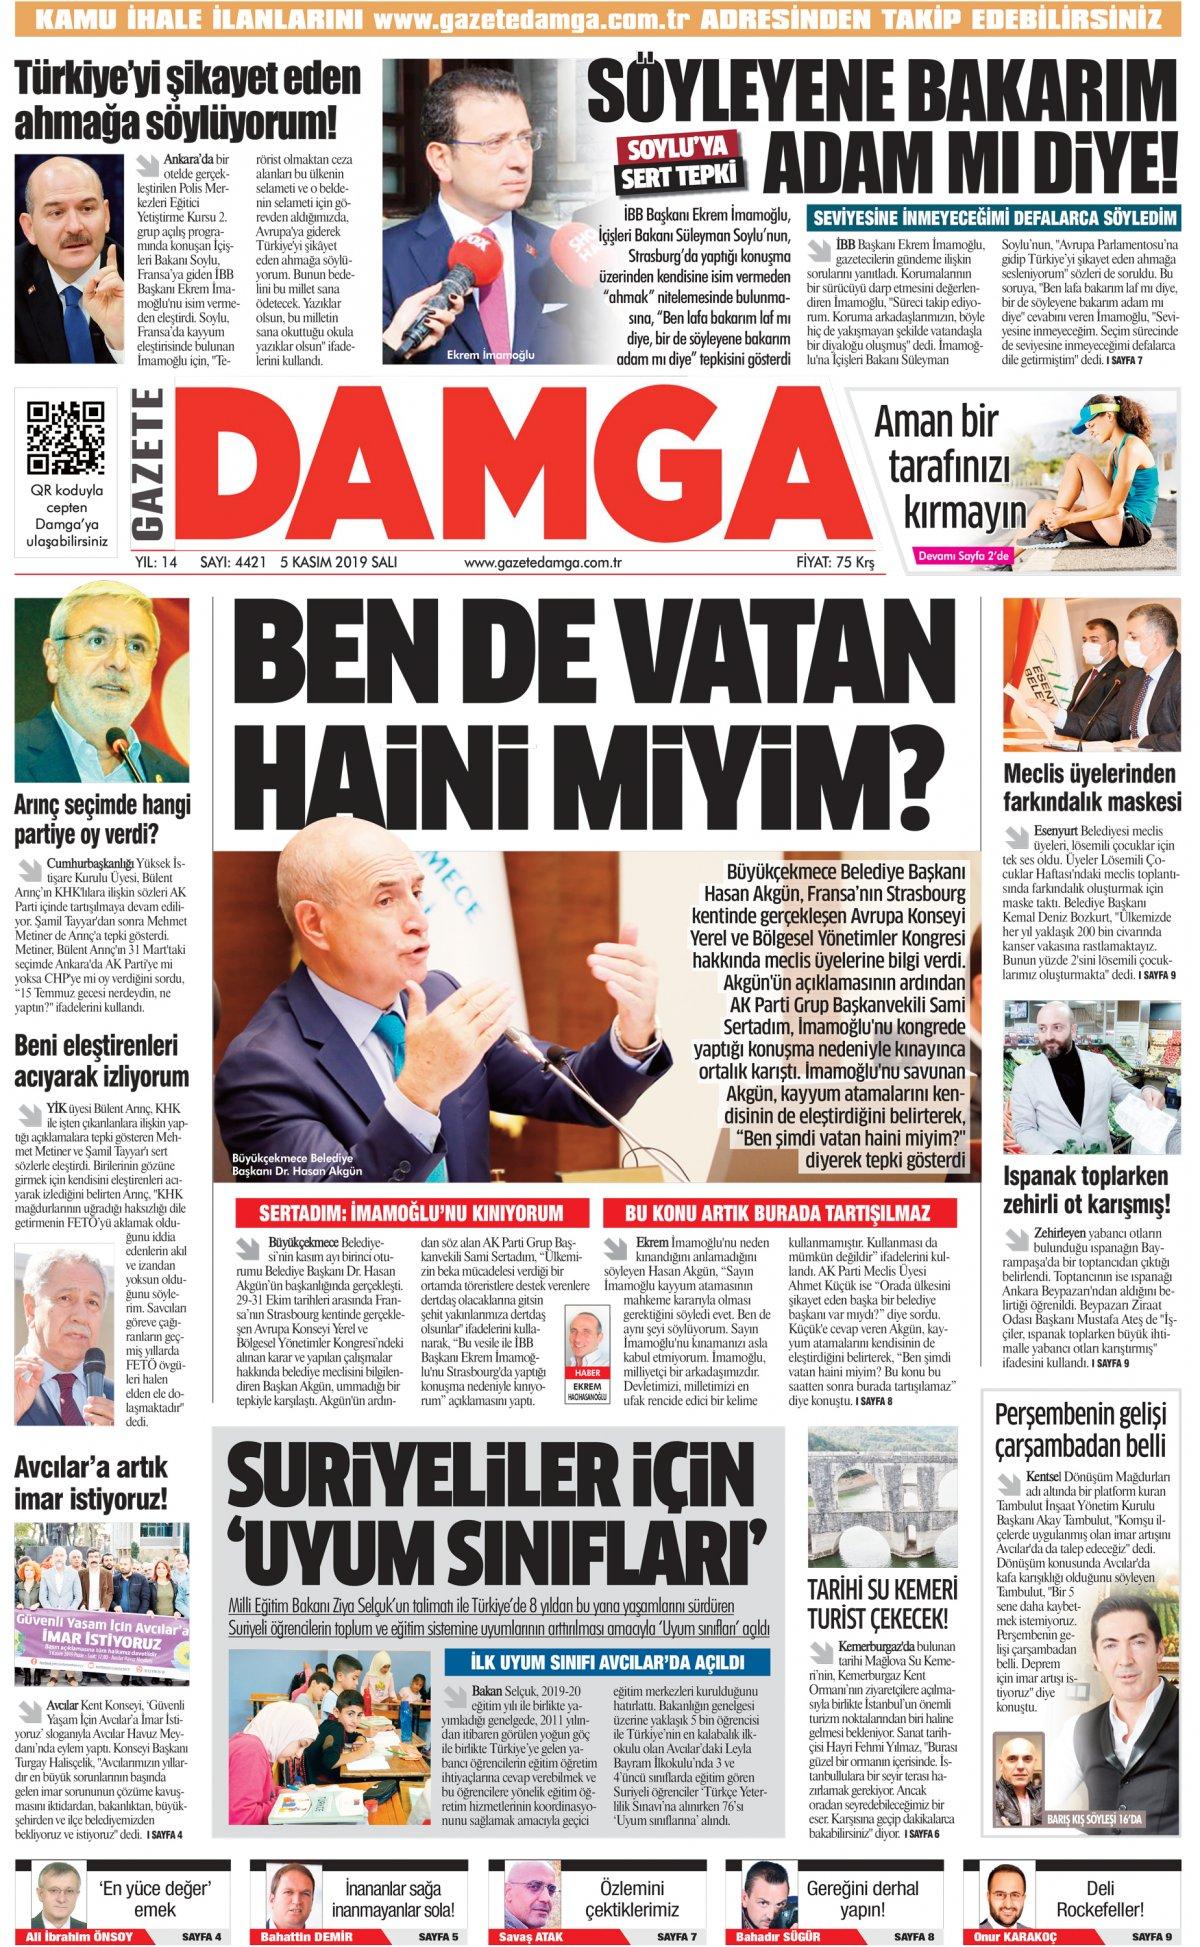 Gazete Damga - 05.11.2019 Sayfaları